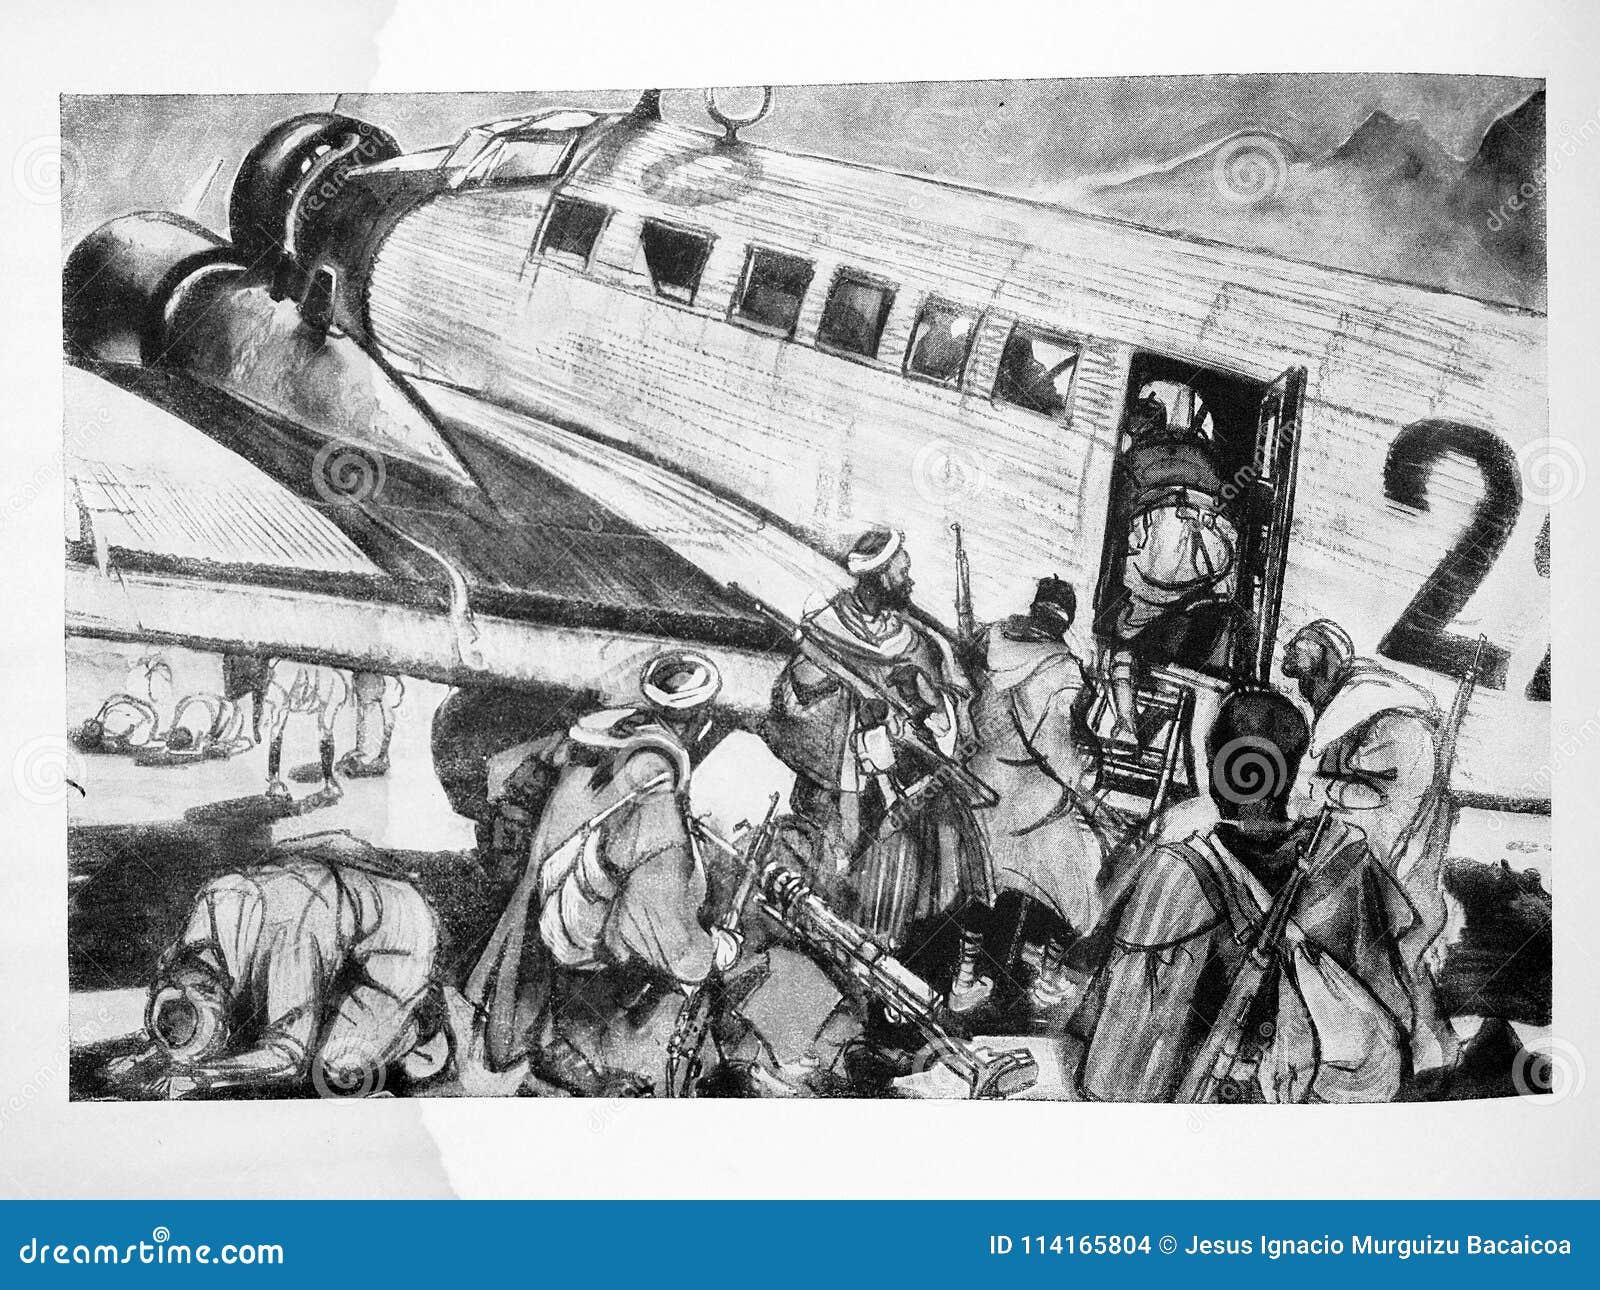 Tropas De Regulars Marroquinos Em Um Ju 52 Guerra Civil Espanhola